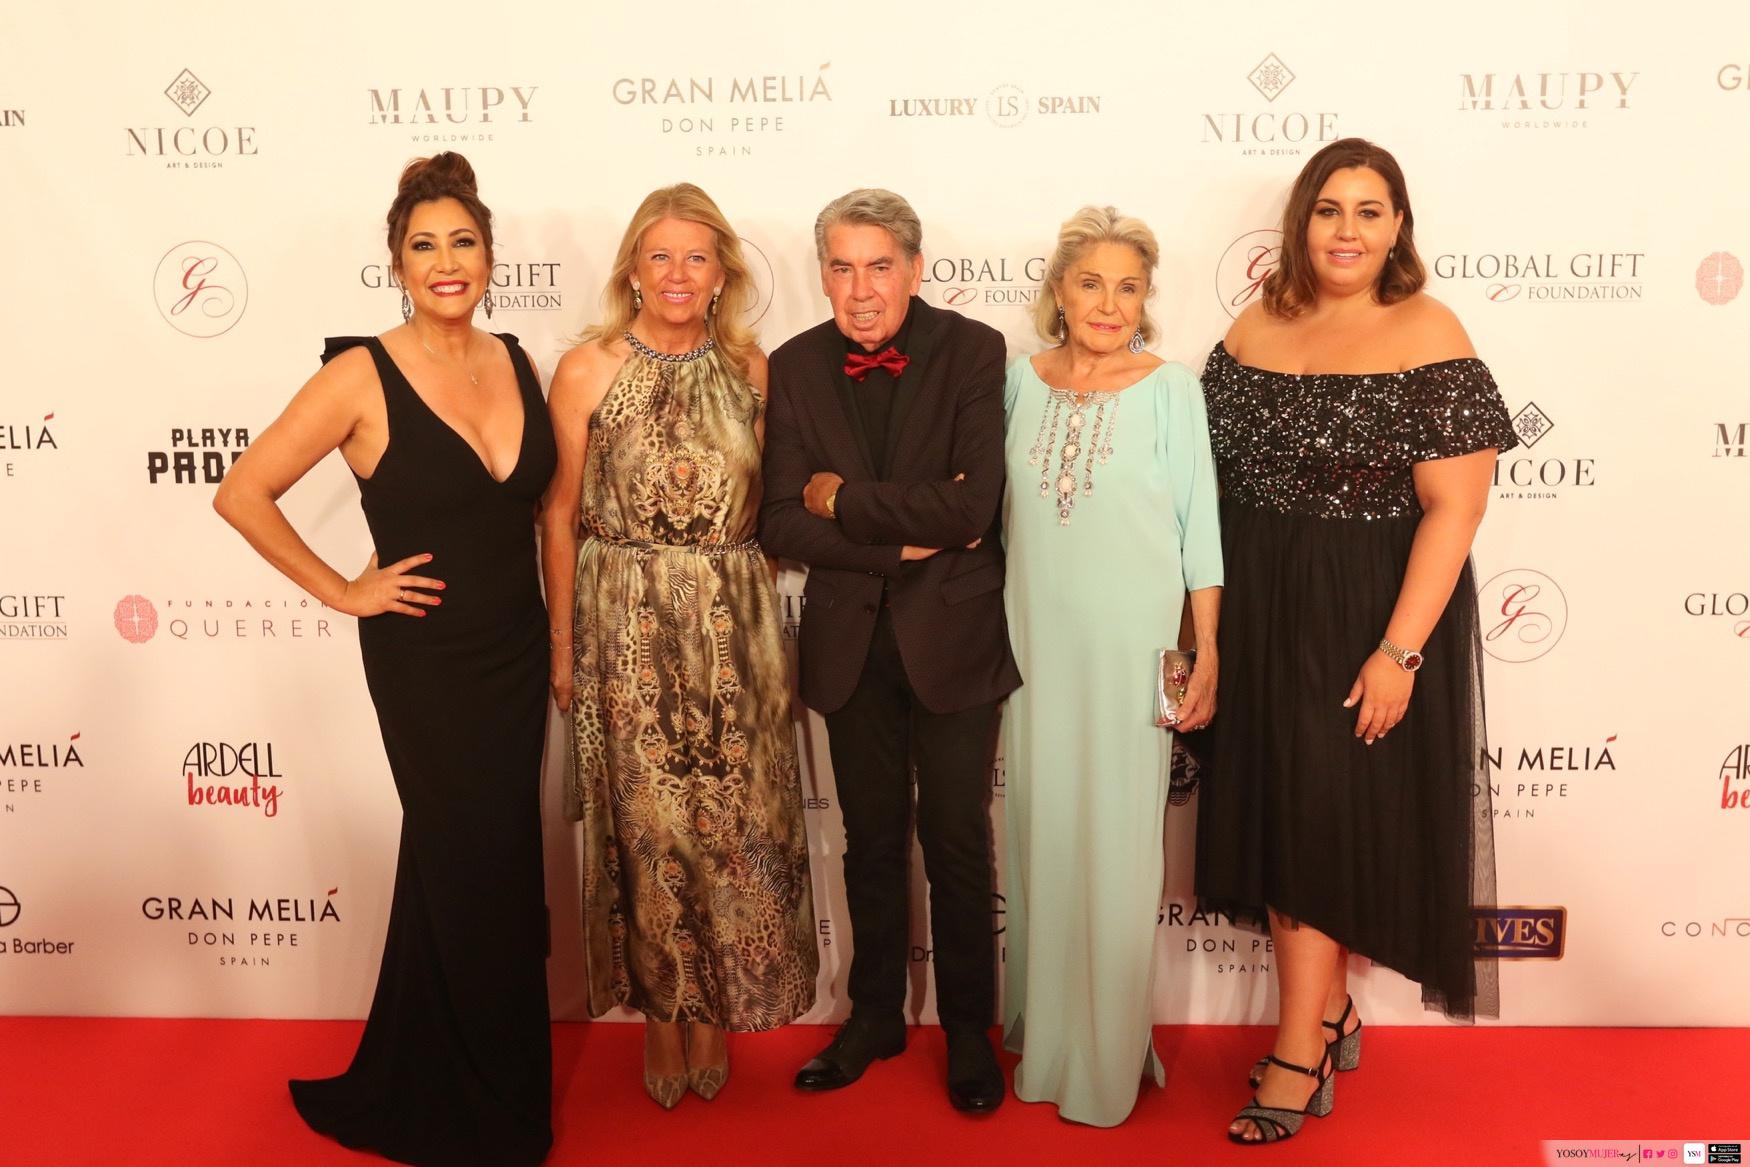 La Asociación Española del Lujo – Luxury Spain colabora en la Gala Global Gift en su séptima edición en Marbella